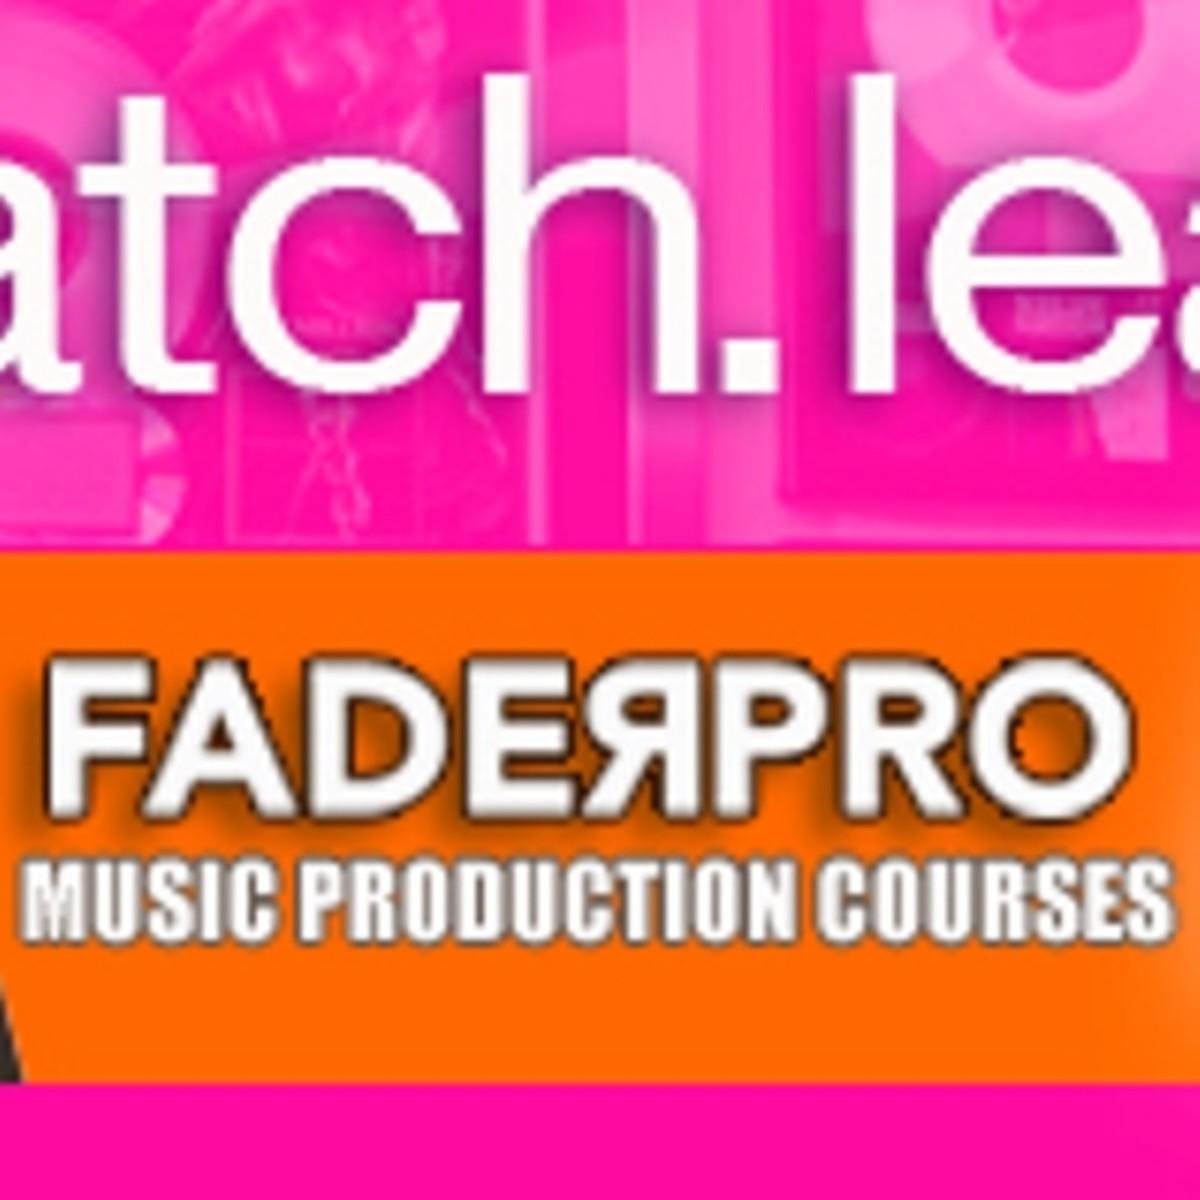 faderpro2.jpg